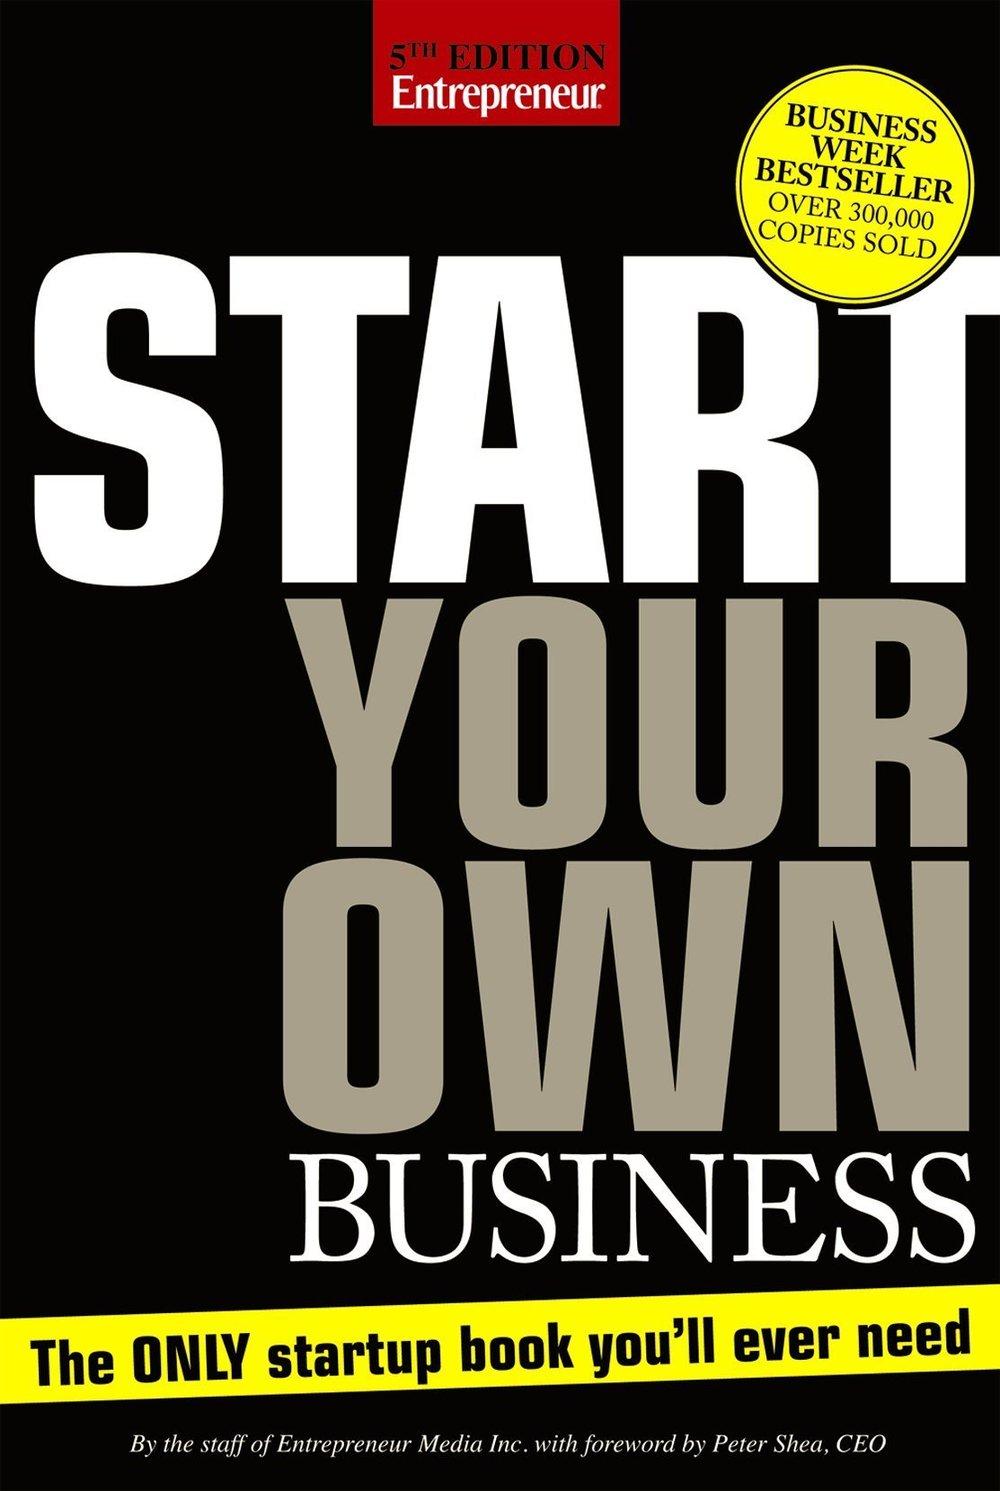 Bắt tay vào khởi nghiệp (Start your own business)- tác giả Rieva Leonsky -